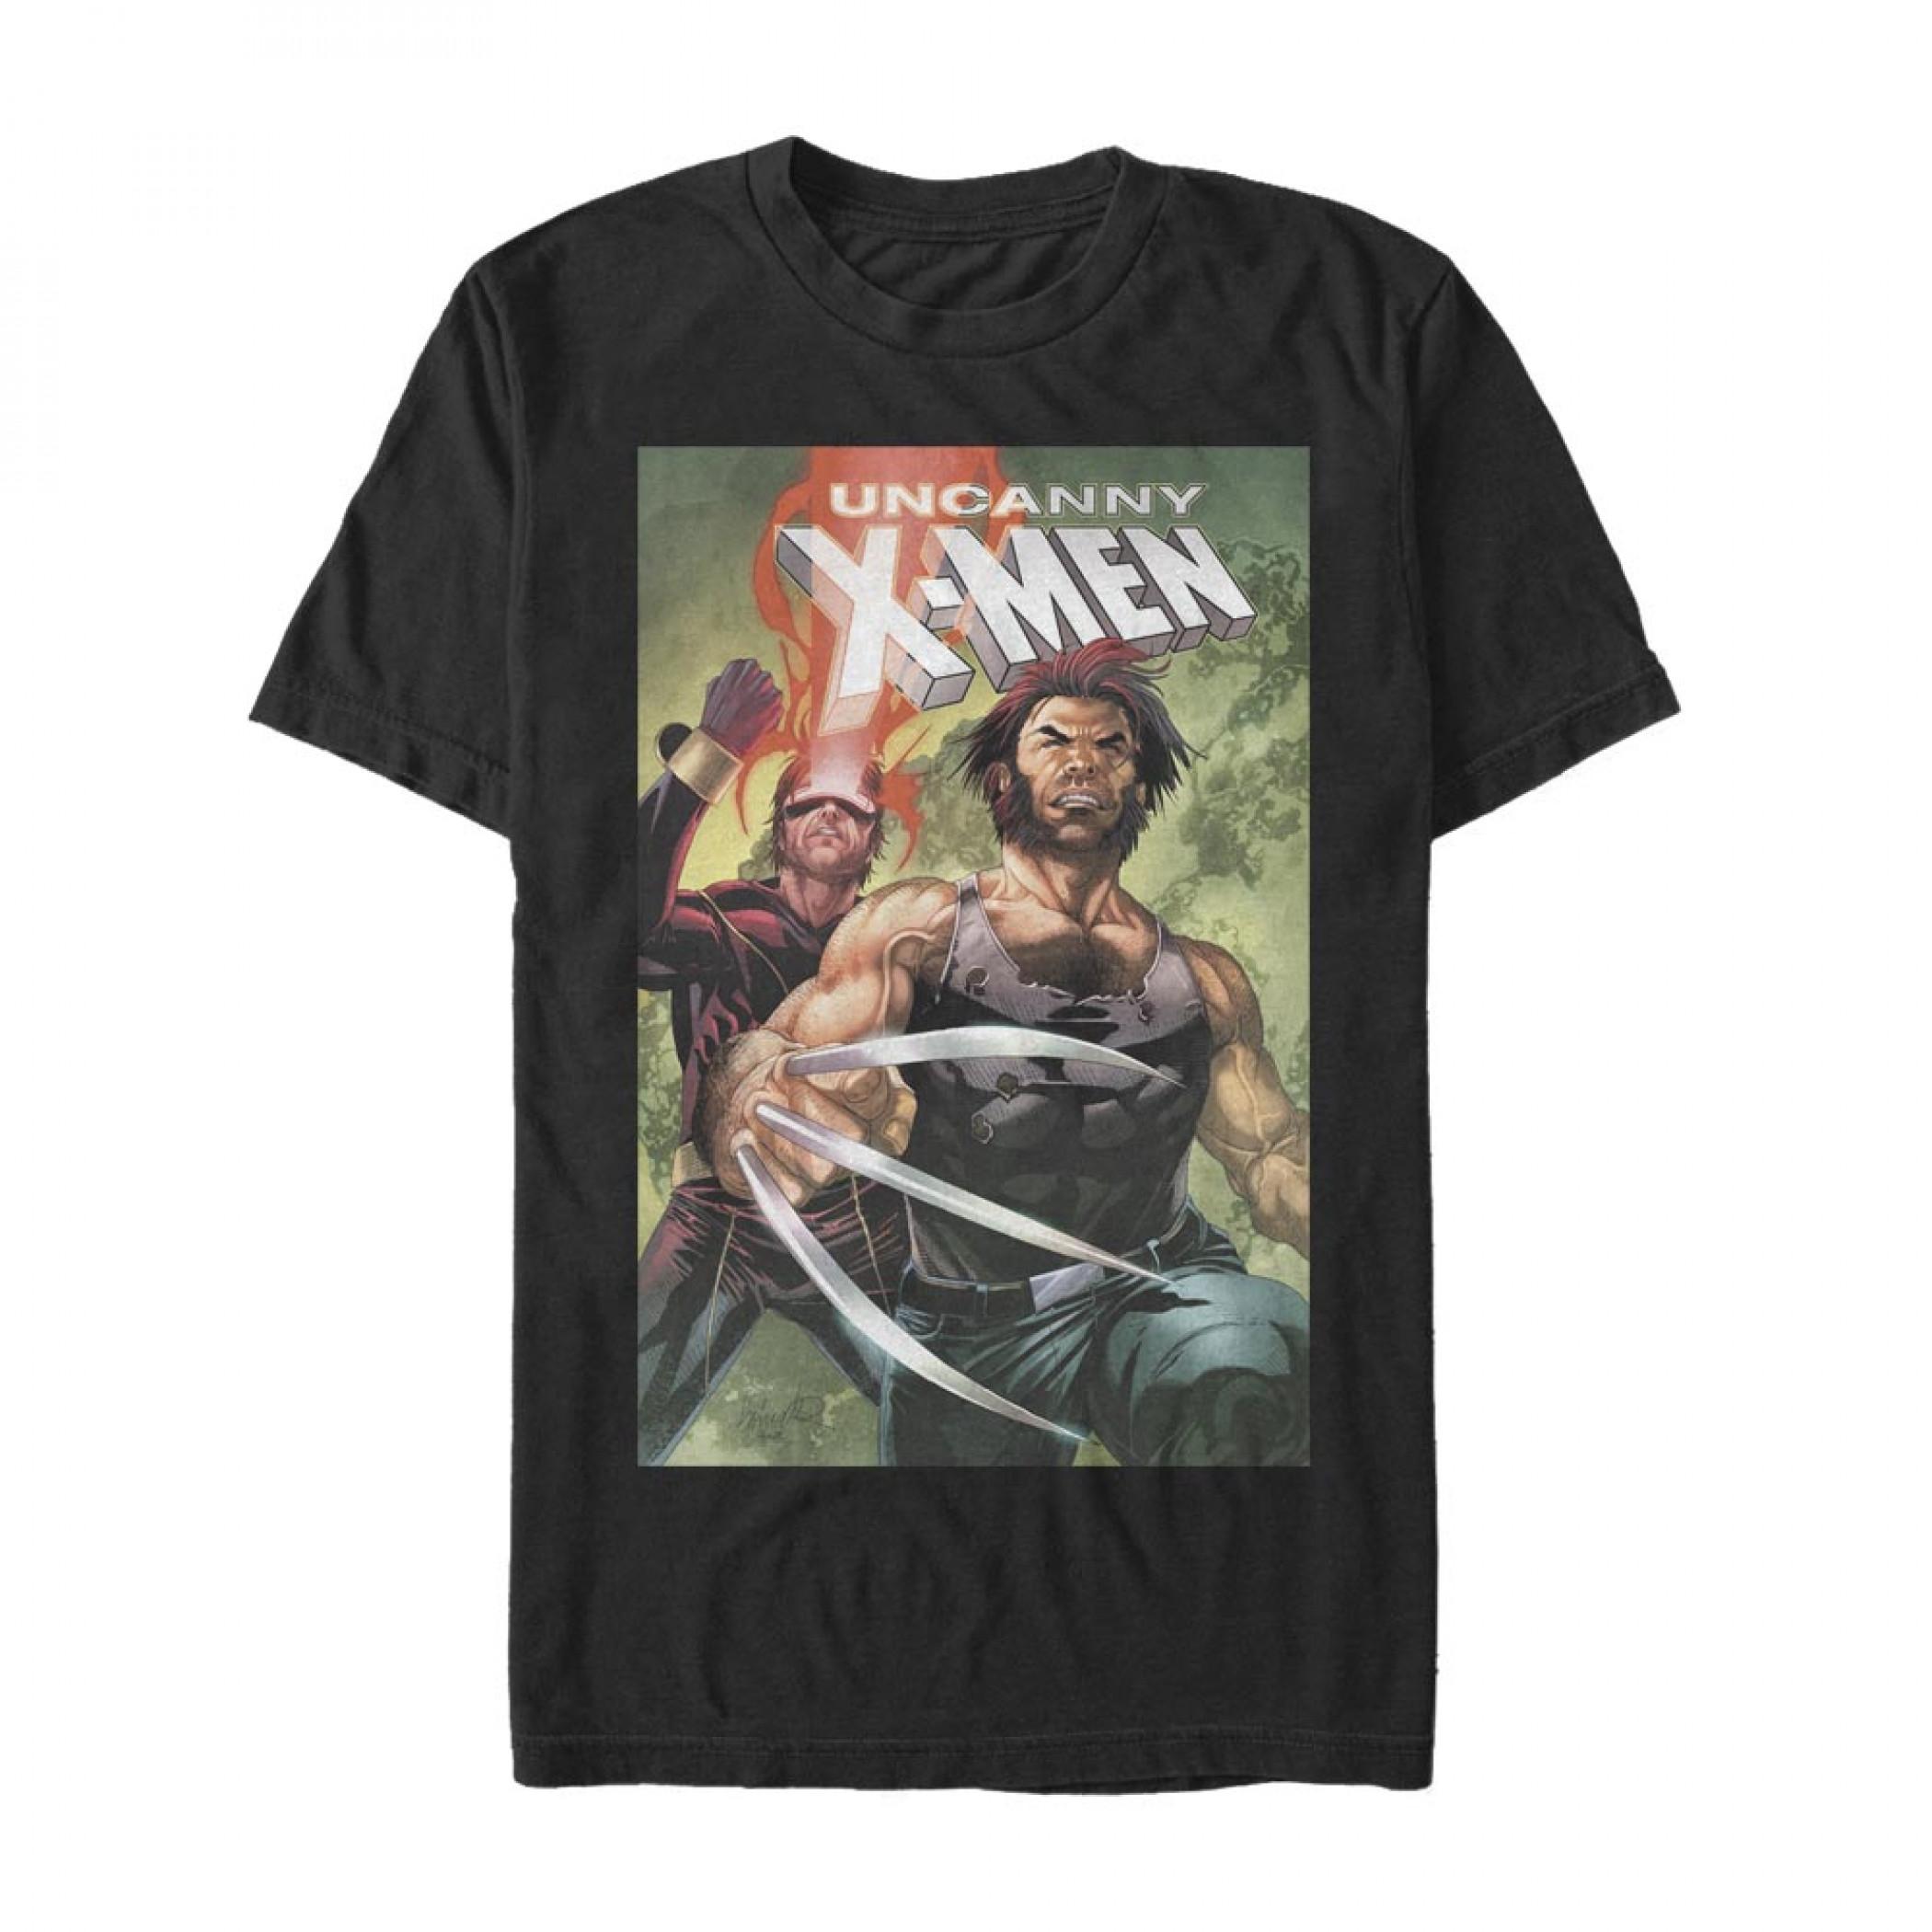 X-Men Uncanny Cyclops & Wolverine T-Shirt